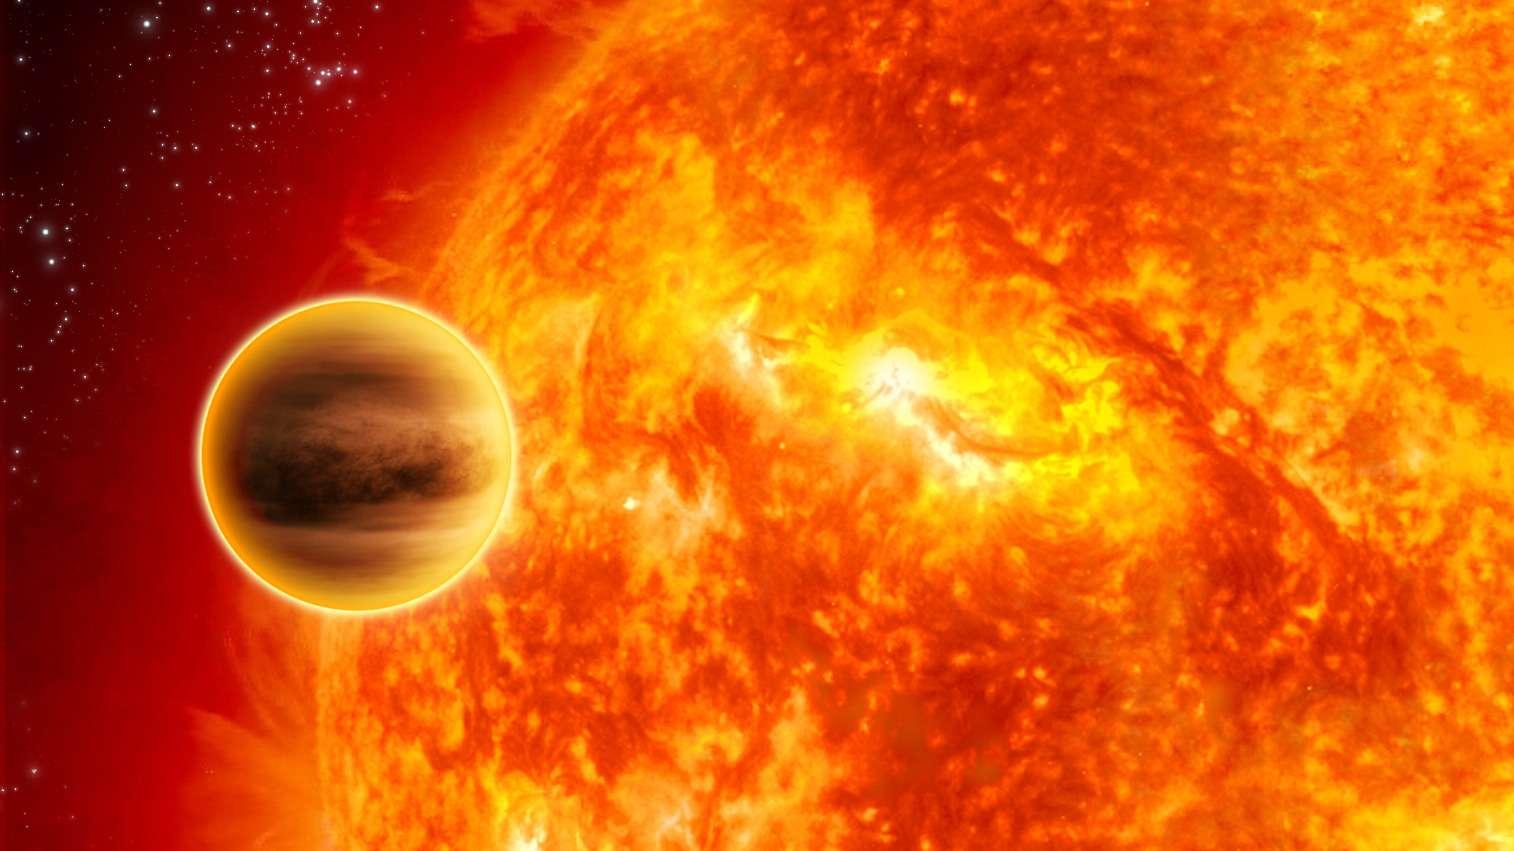 Illustration de 51 Pegasi b, la première exoplanète découverte. Deux fois moins massive que notre Jupiter, elle gravite en seulement 4,2 jours autour de son étoile qui ressemble au Soleil. Un monde surprenant, tout comme les 2.000 autres d'ores et déjà découverts. © Nasa, JPL-Caltech